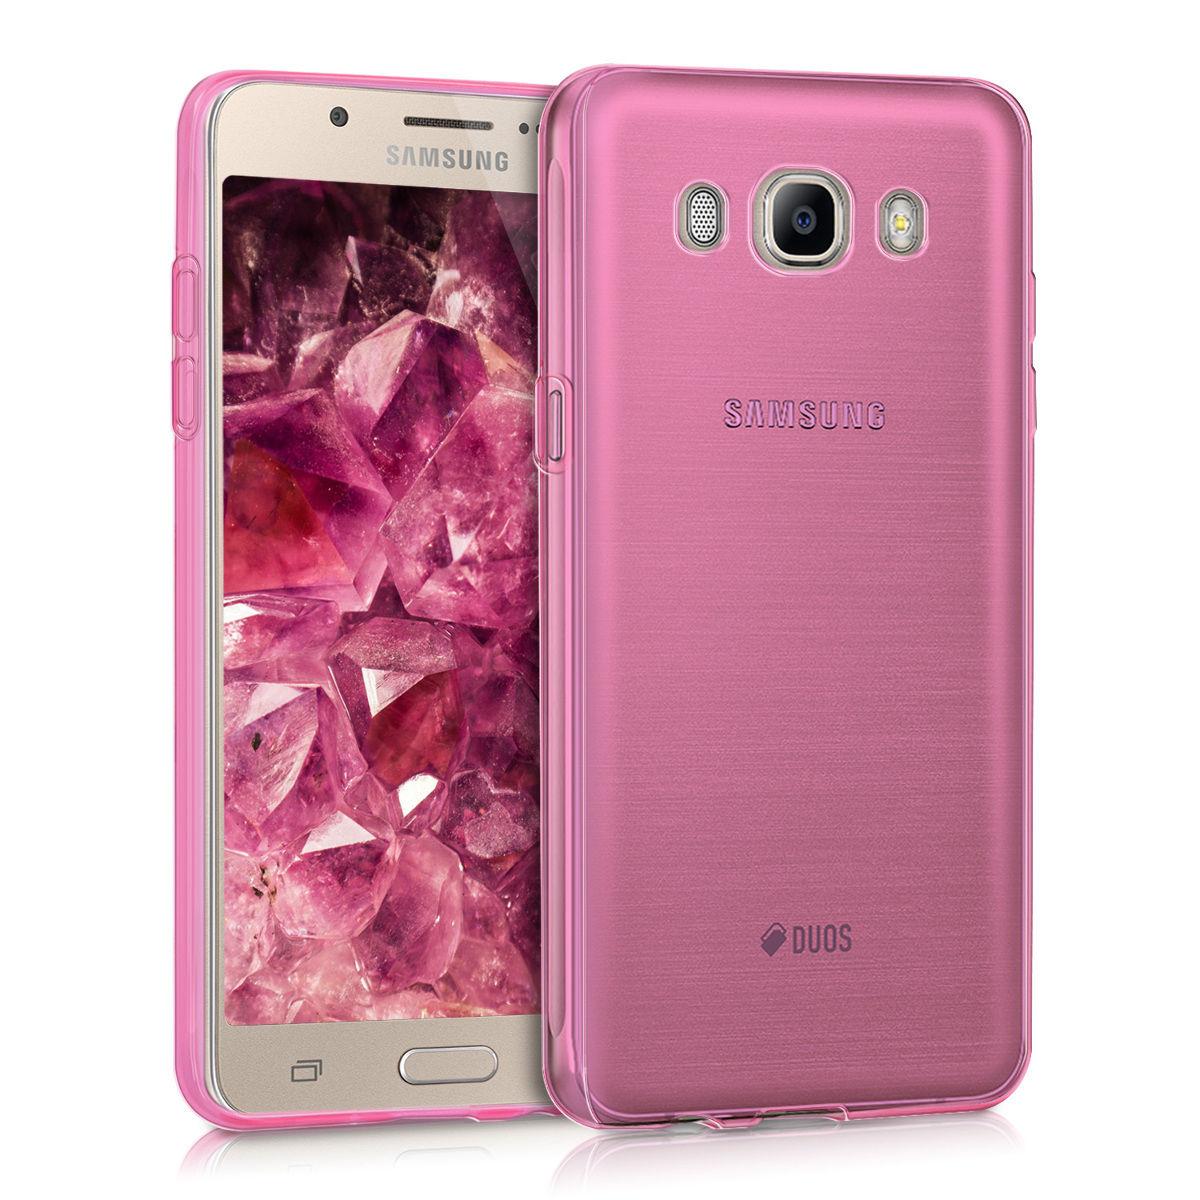 Pouzdro GEL pro Samsung Galaxy J5 (2016) růžové